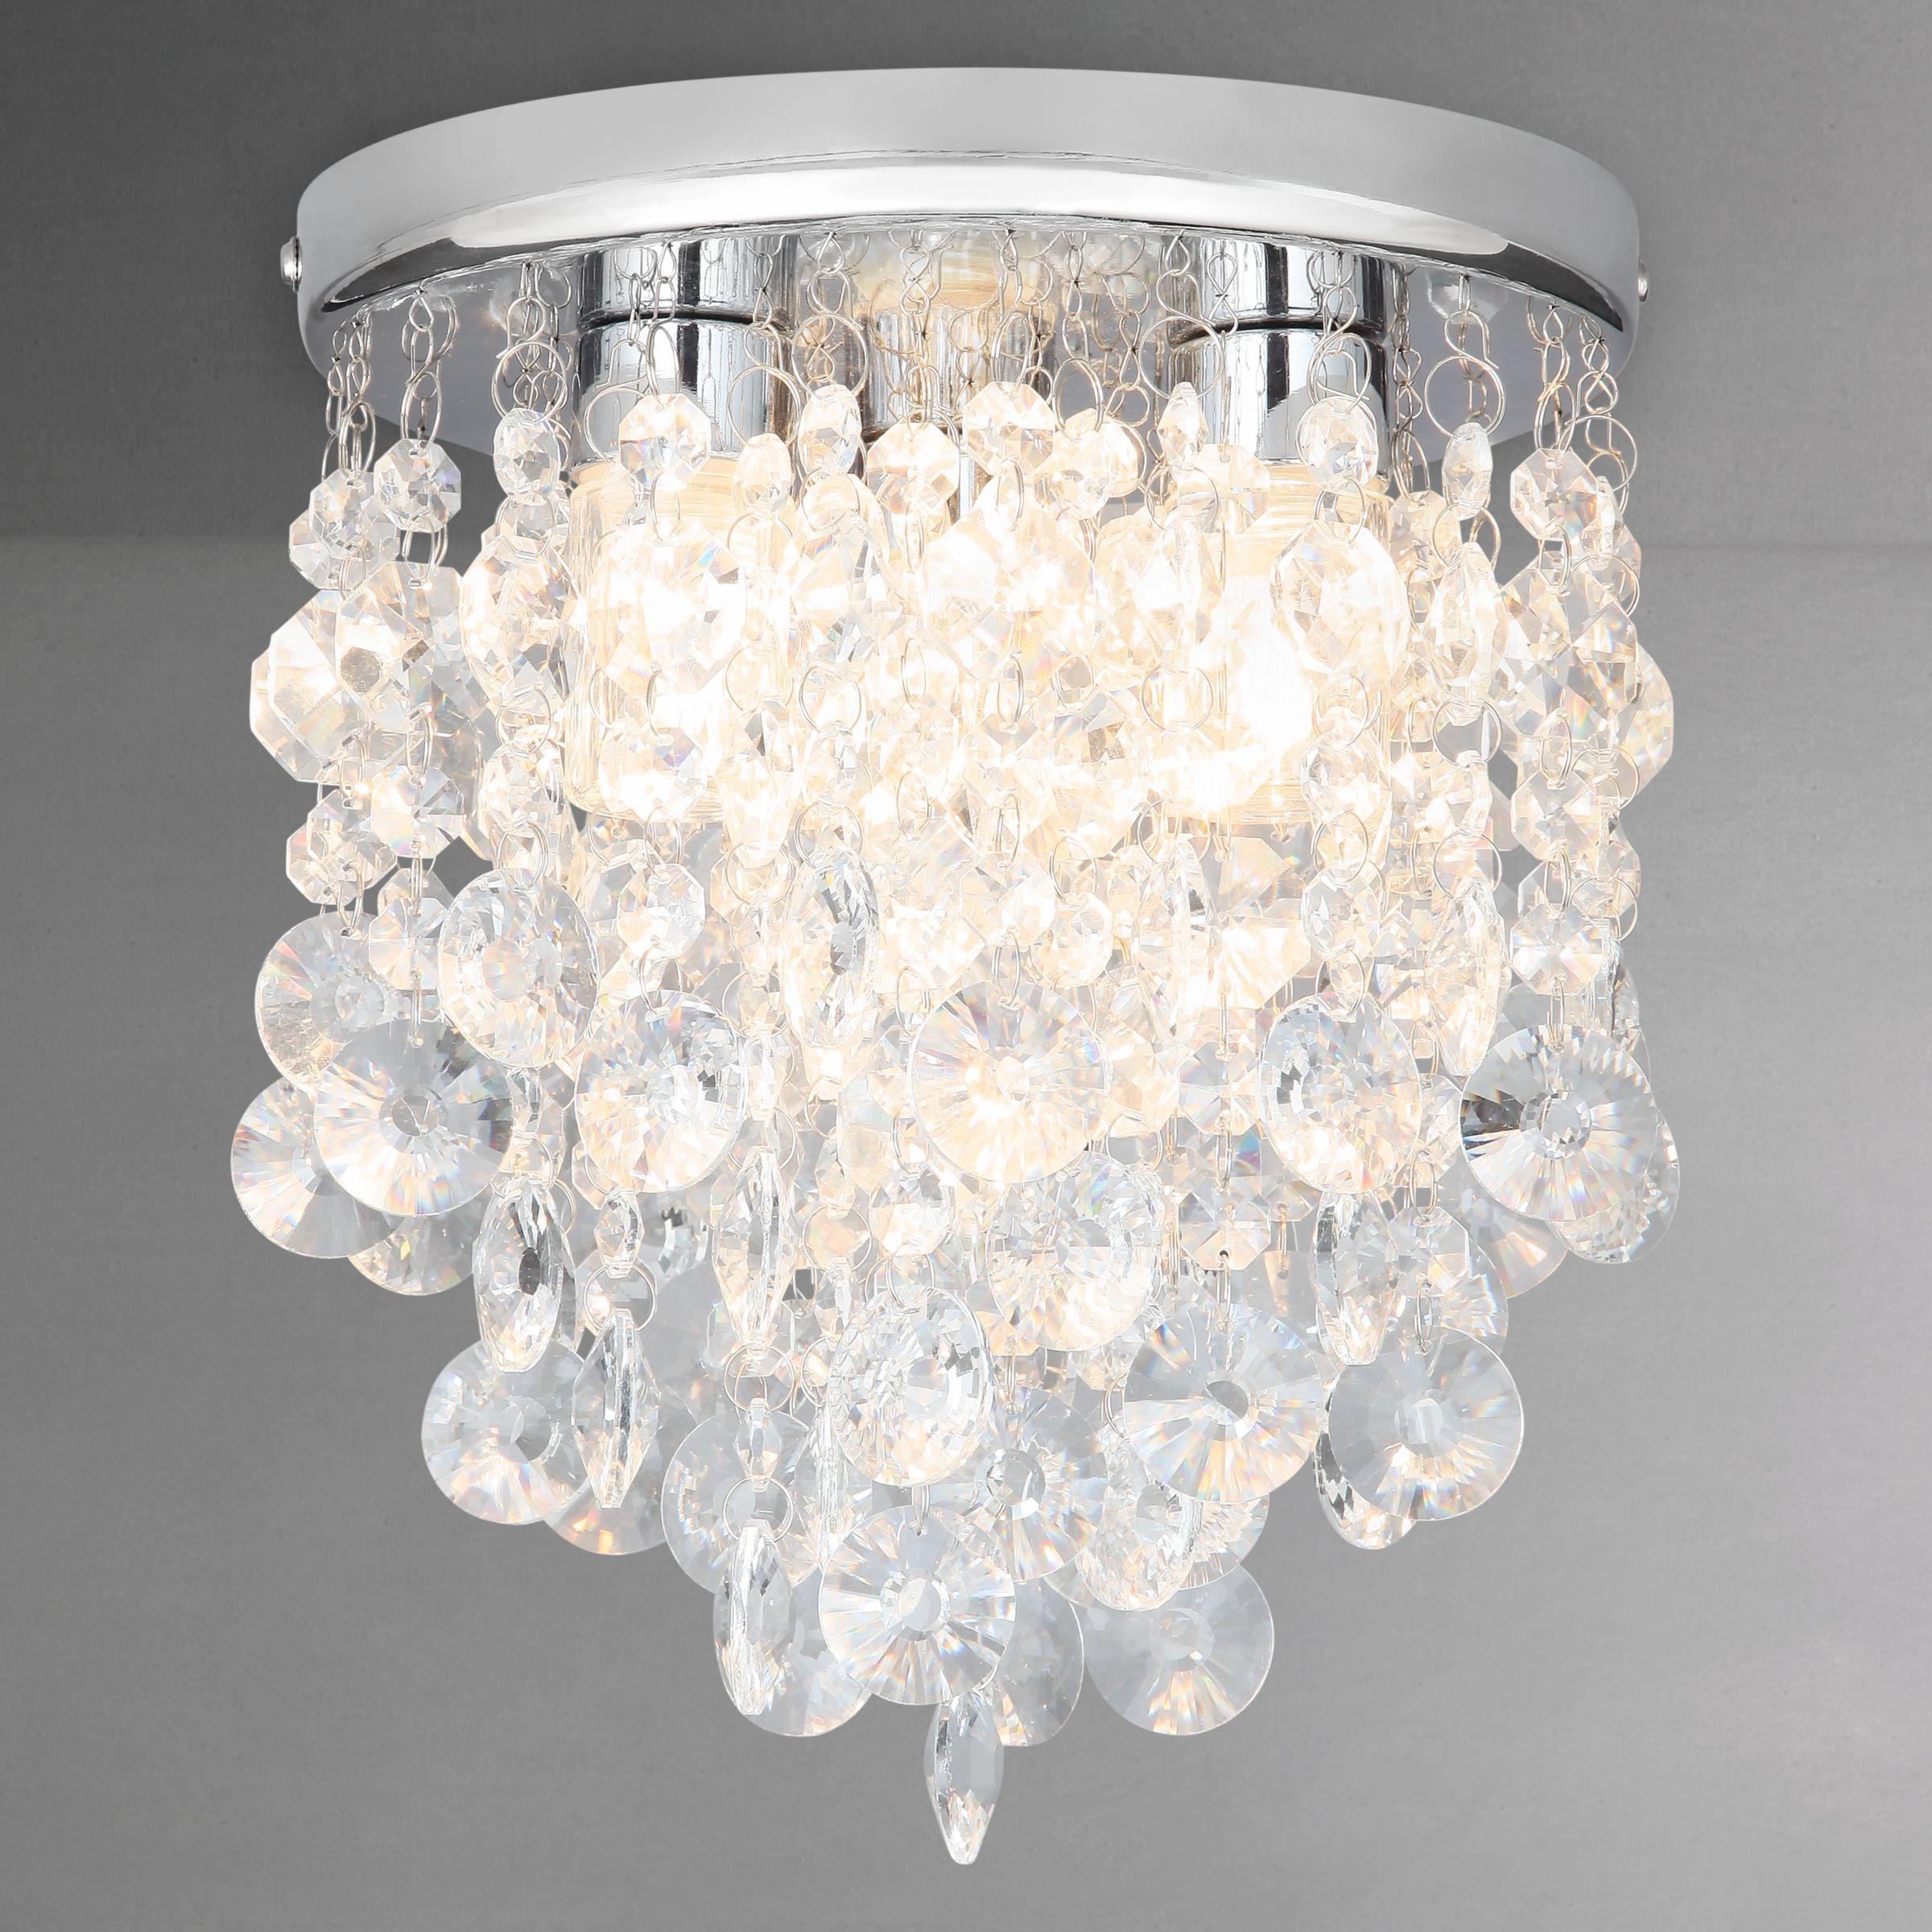 Flush Ceiling Lights John Lewis : John lewis katelyn crystal bathroom flush ceiling octer